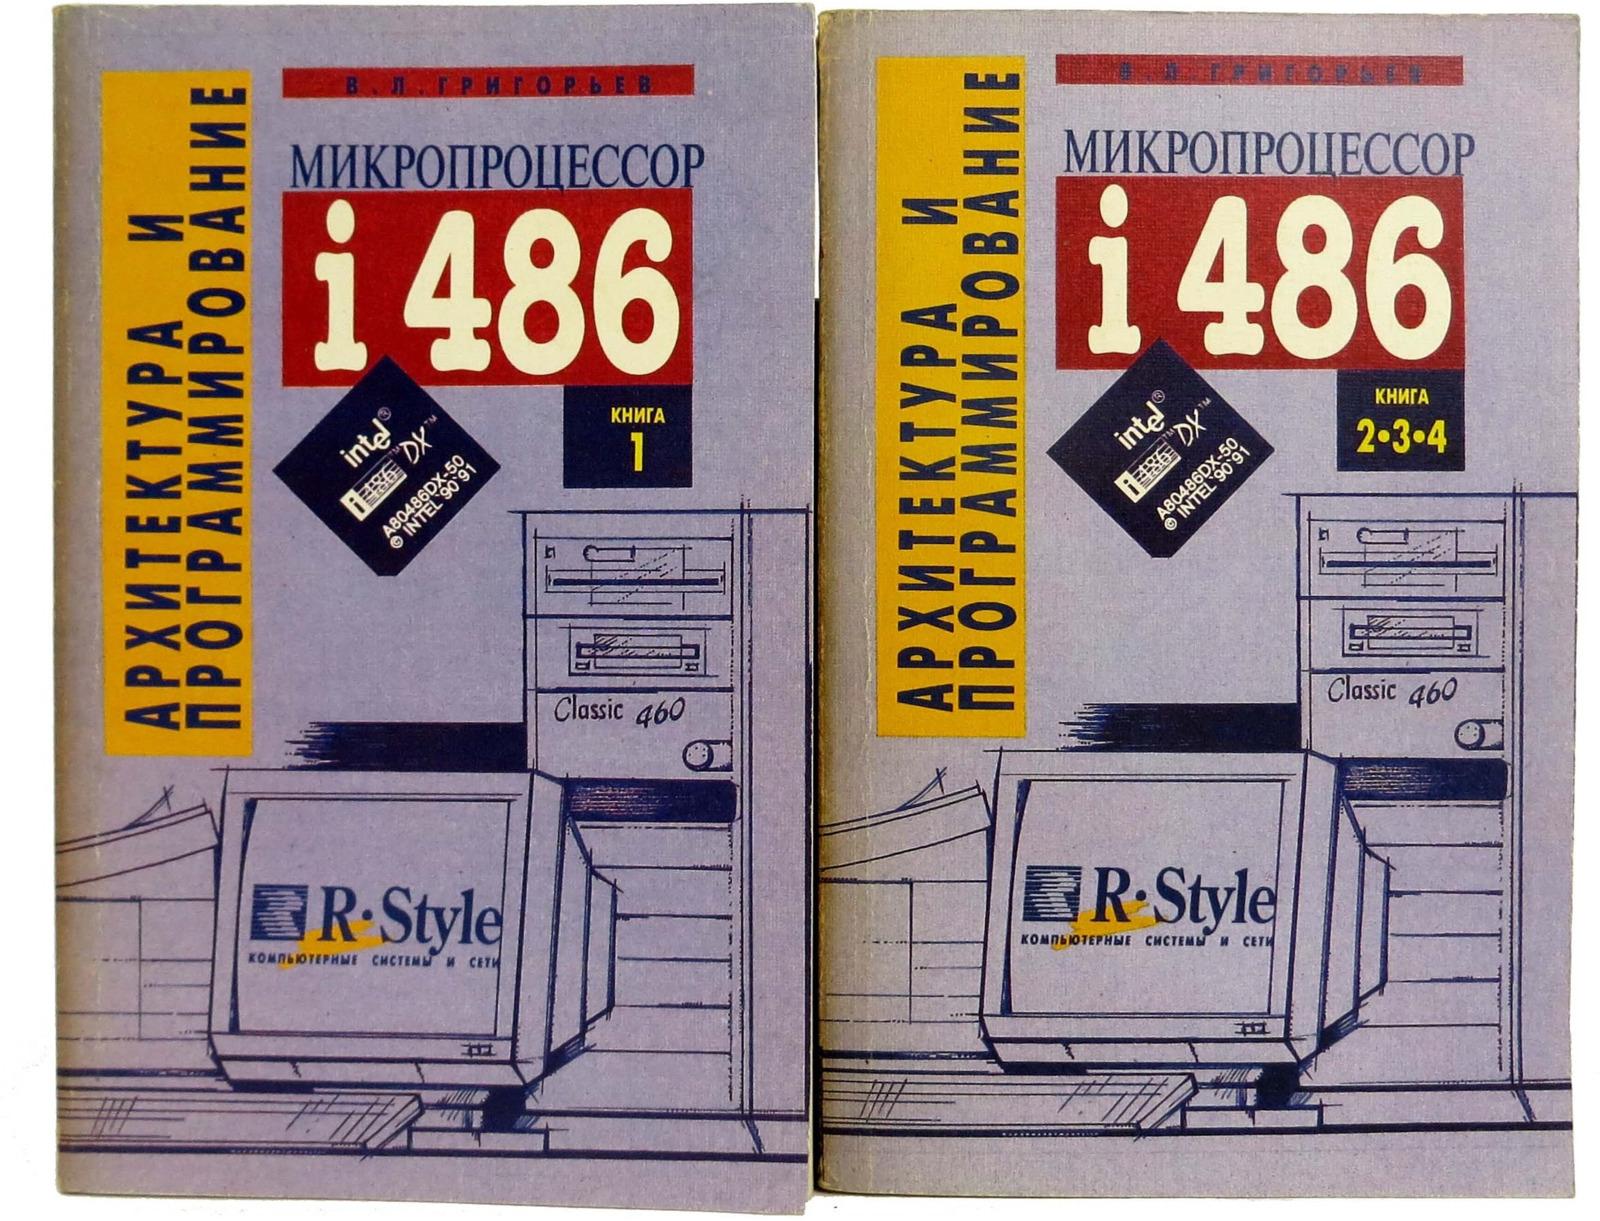 Григорьев В. Микропроцессор i486. Архитектура и программирование (комплект из 2 книг) предко майкл pic микроконтроллеры архитектура и программирование